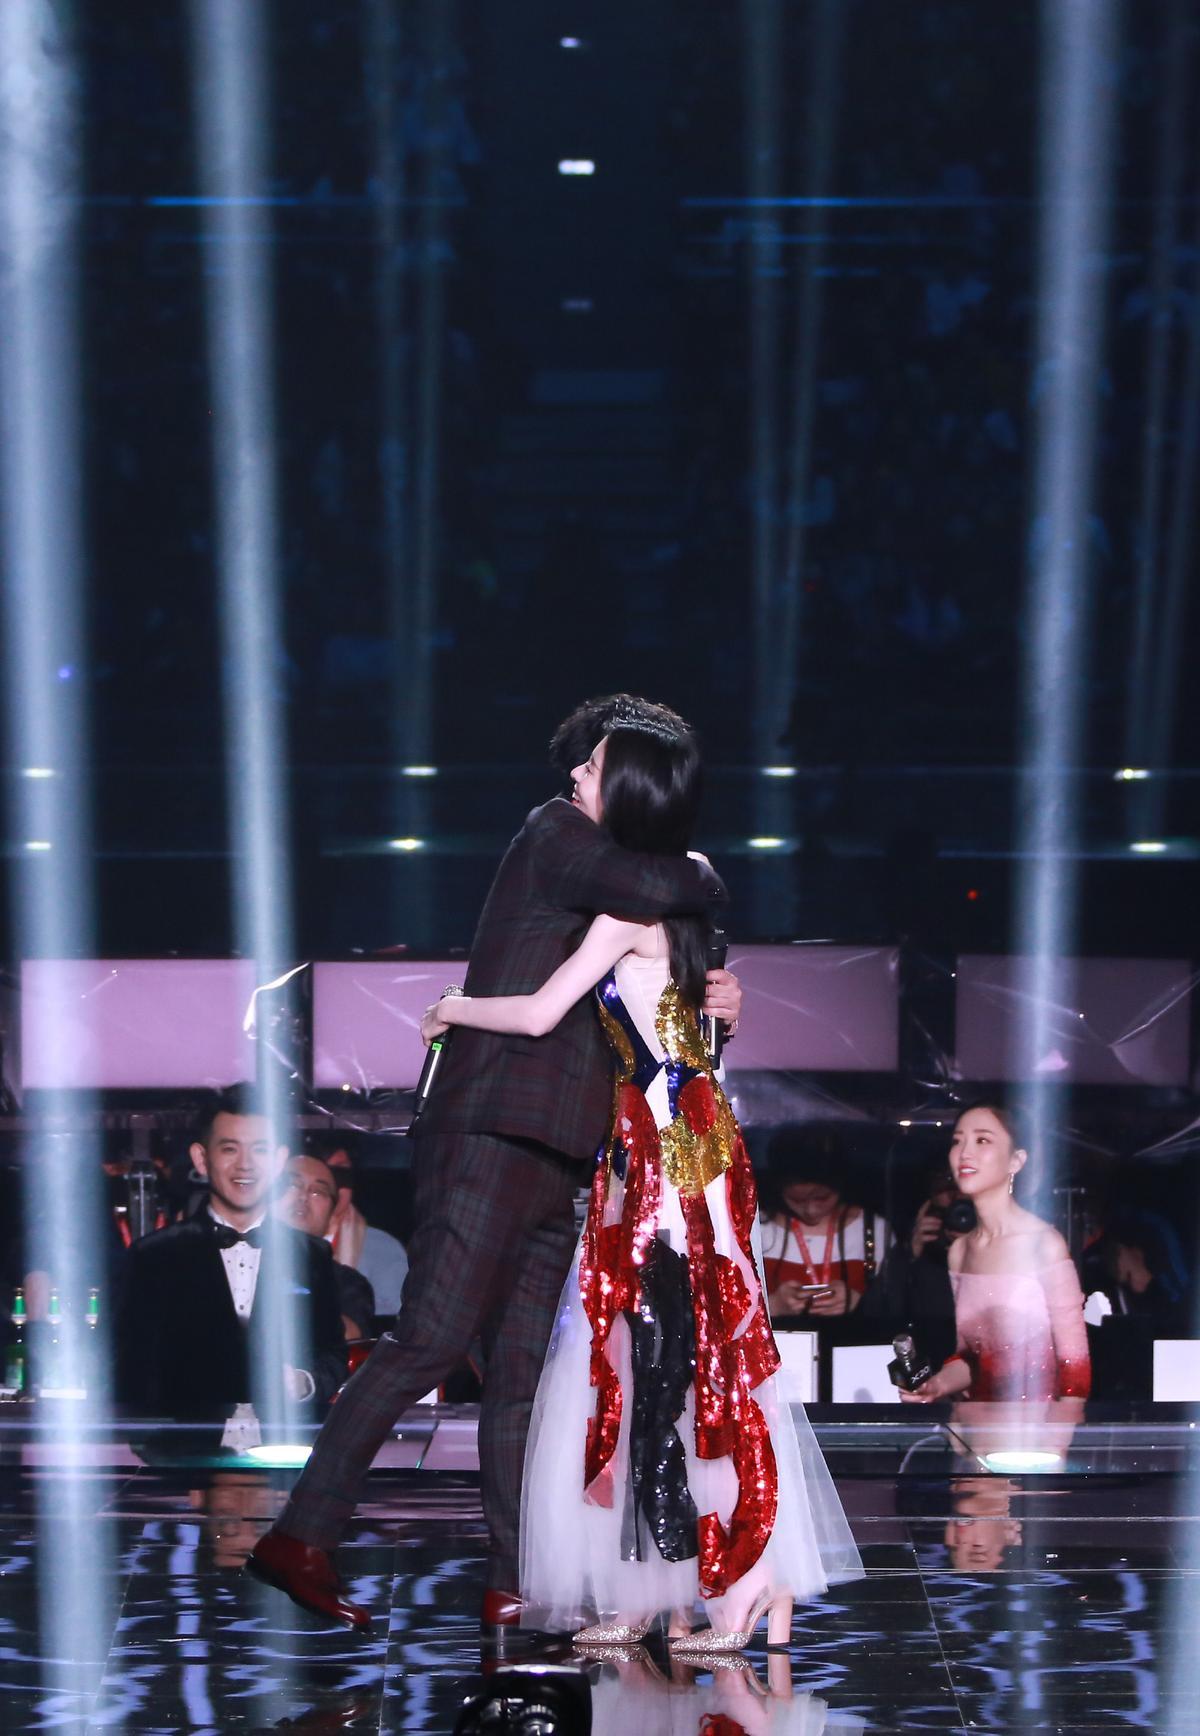 張信哲與張碧晨跨年晚會中合作演出,演唱經典作品〈白月光〉等歌曲。(潮水音樂提供)